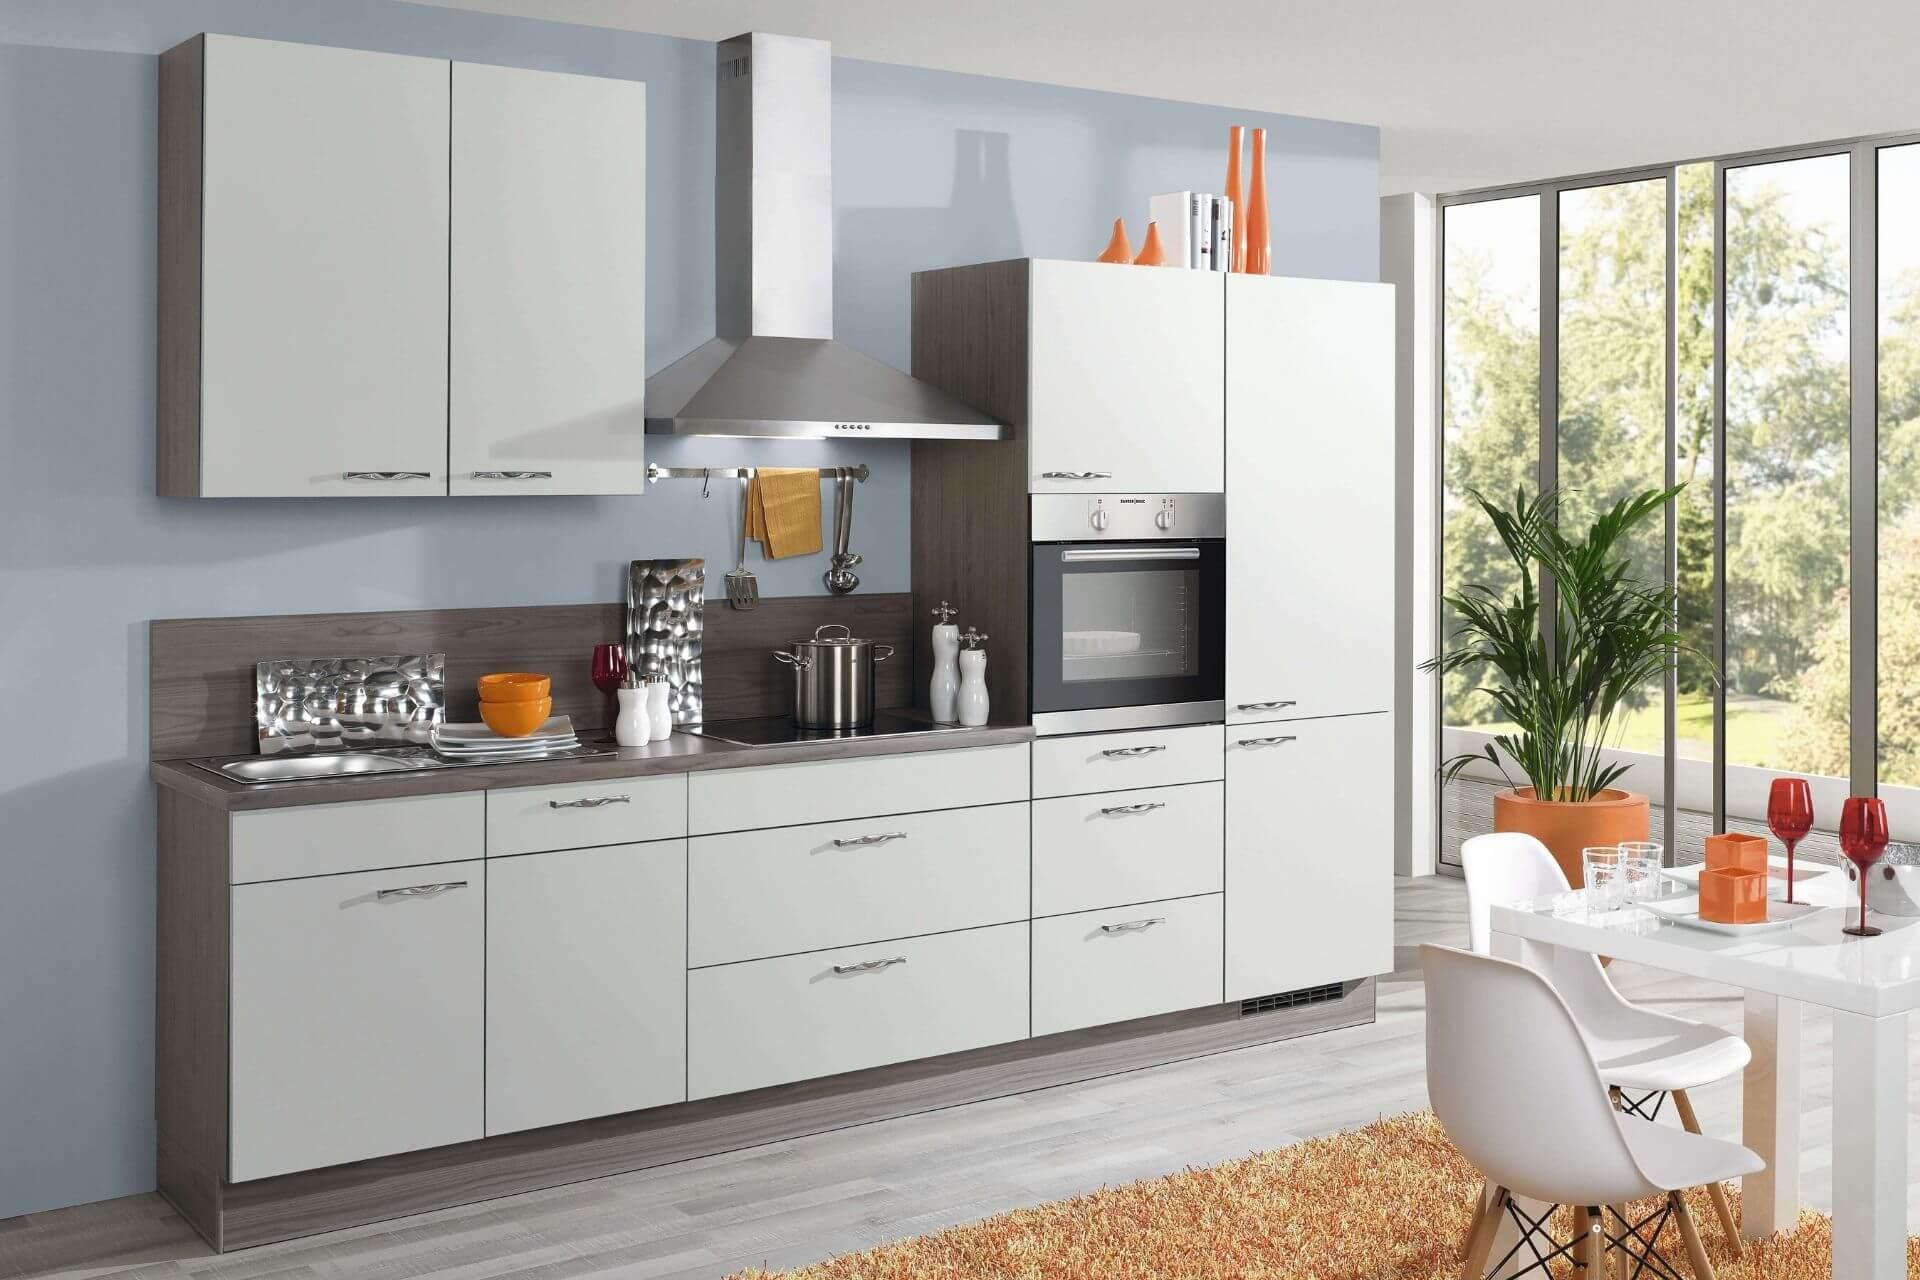 Cocinas en Color Blanco - Murcia | KEYS DISEÑO